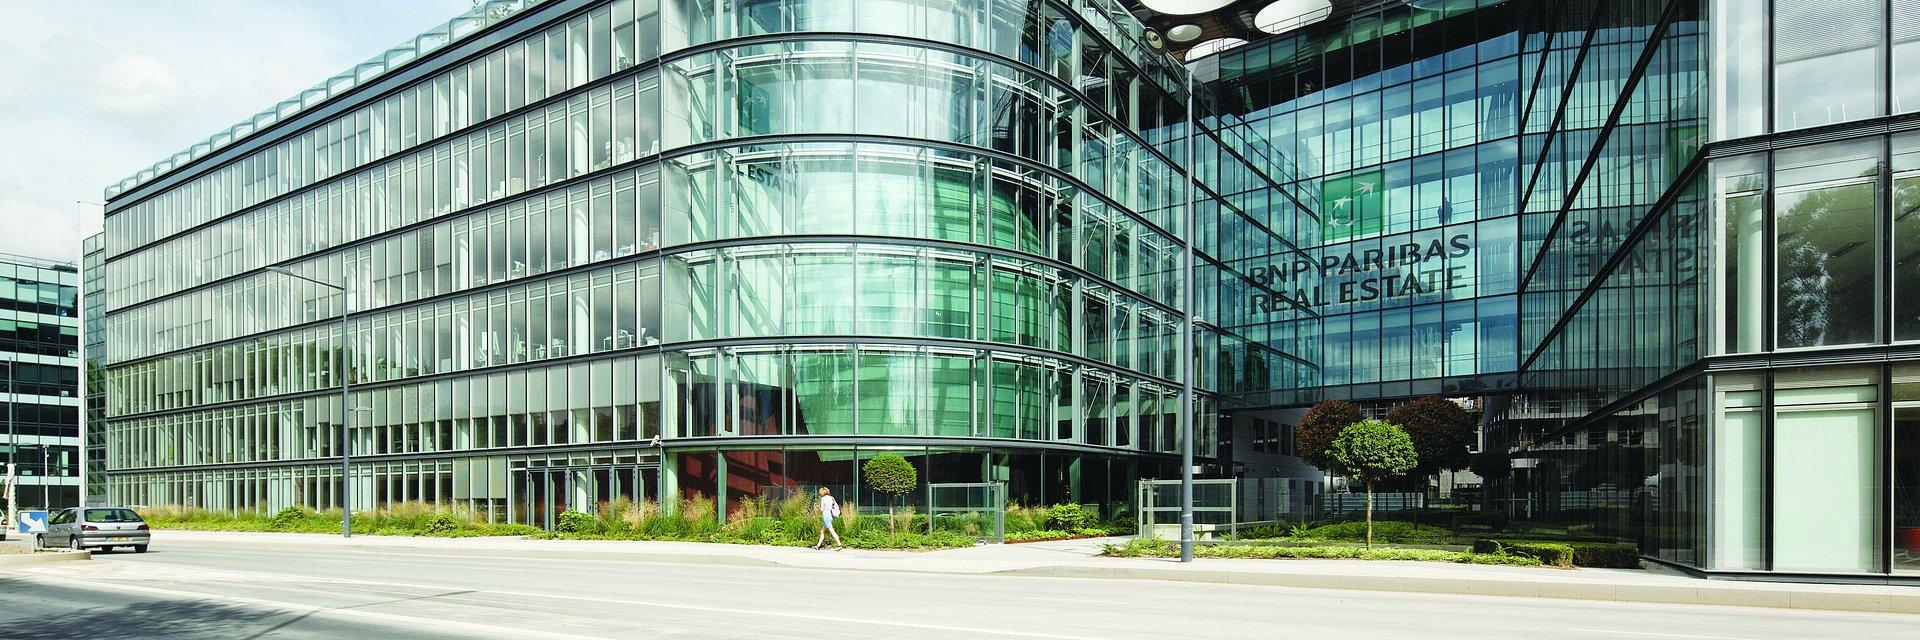 BNP Paribas Real Estate zatrudnia międzynarodowego eksperta do spraw nieruchomości hotelowych